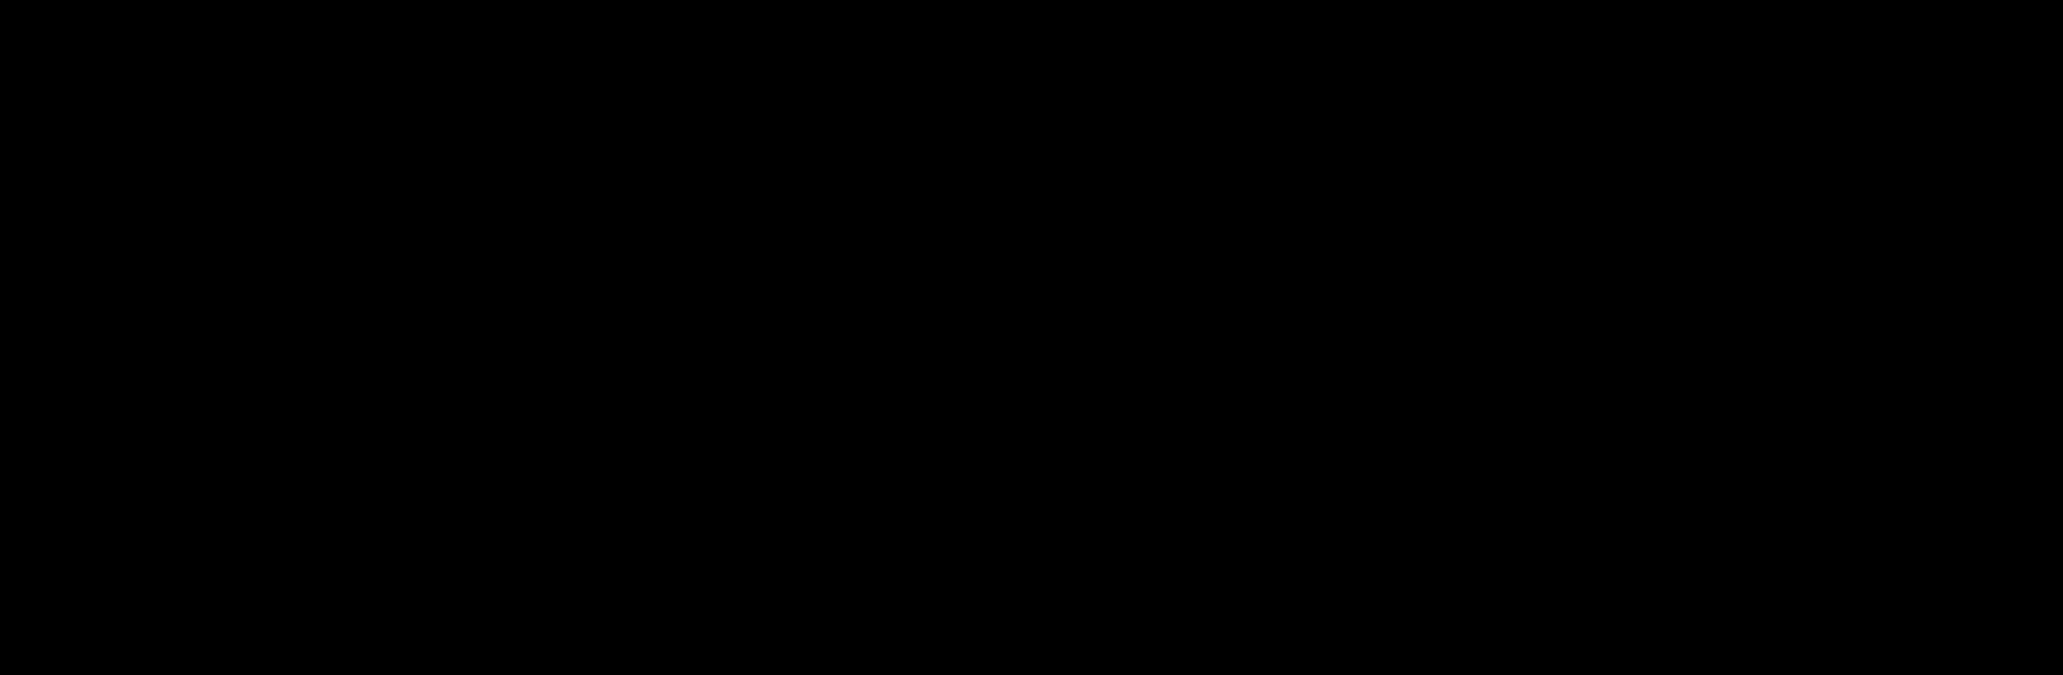 Cognilogo